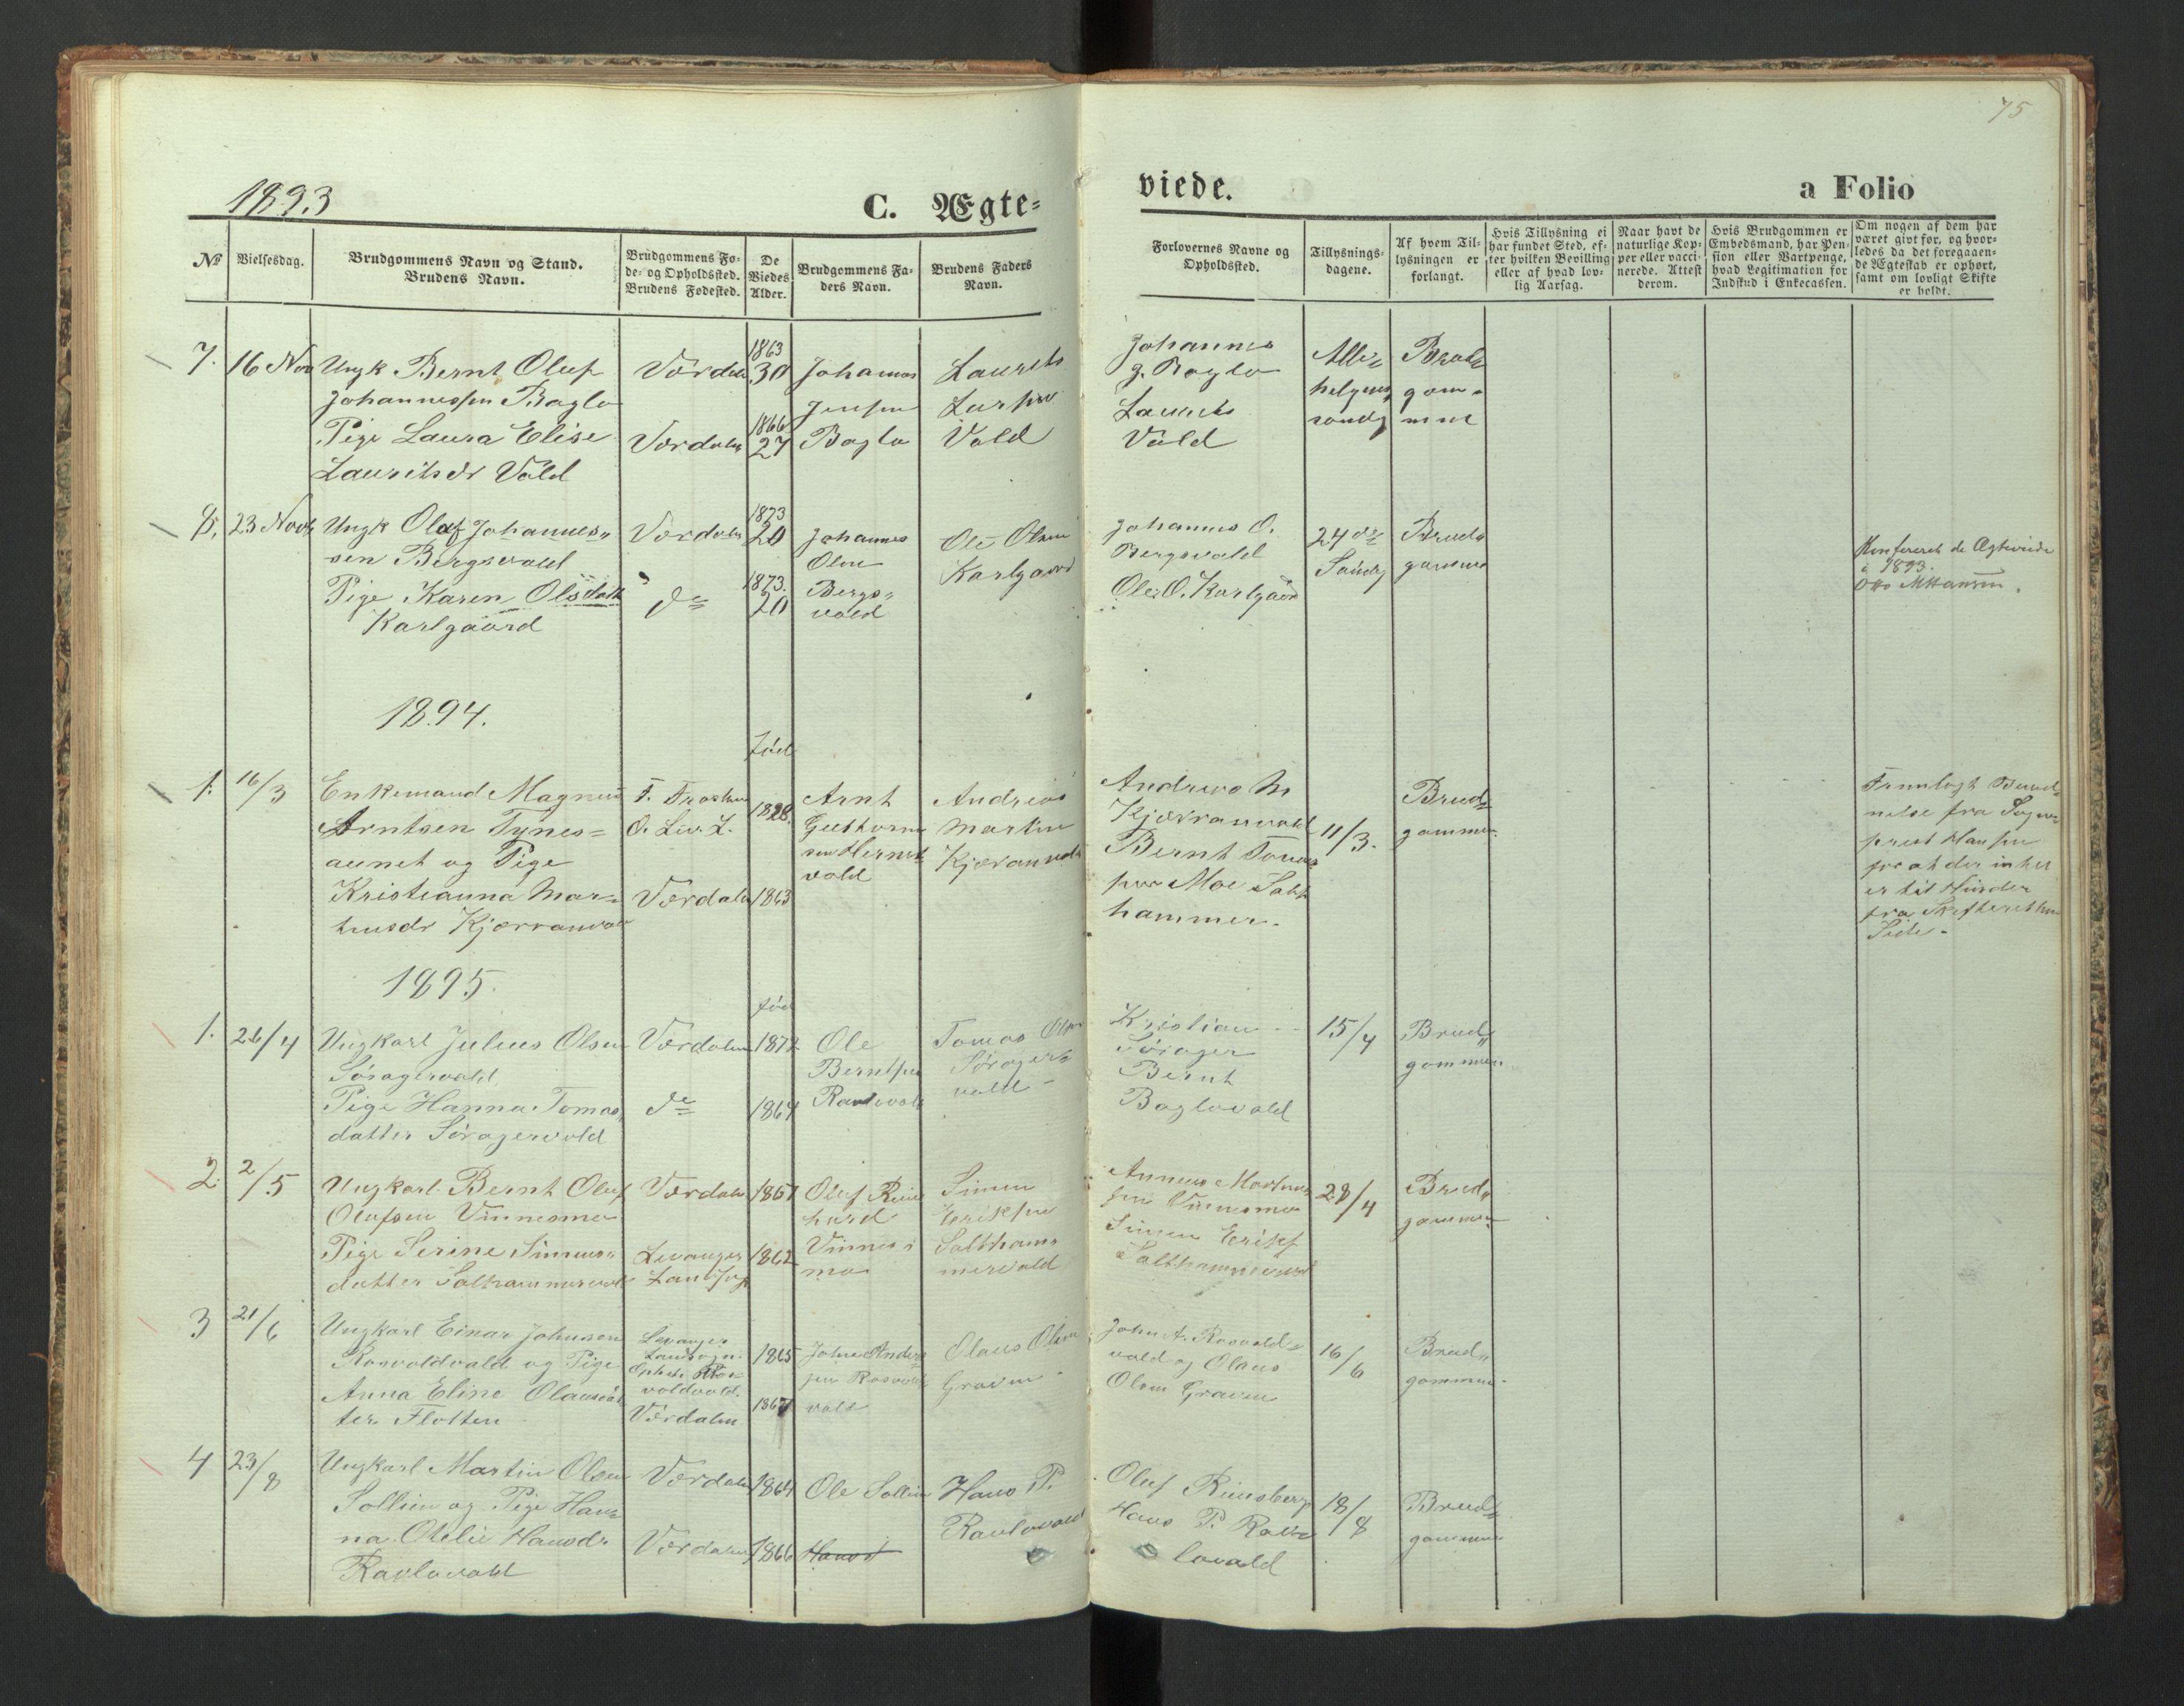 SAT, Ministerialprotokoller, klokkerbøker og fødselsregistre - Nord-Trøndelag, 726/L0271: Klokkerbok nr. 726C02, 1869-1897, s. 75